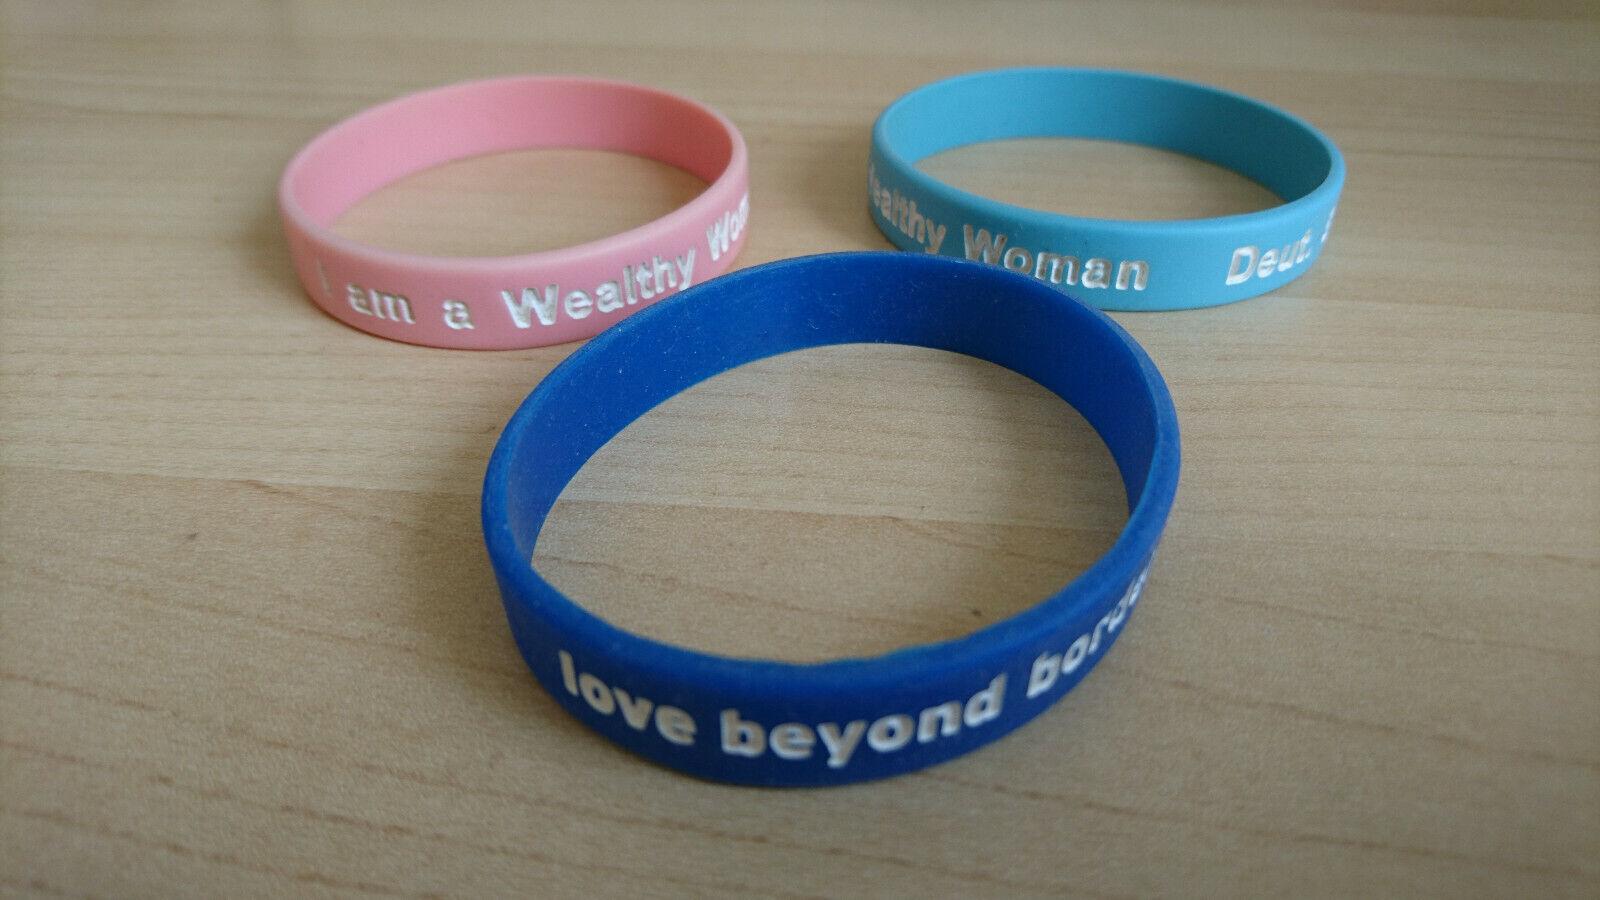 3 bracelets: I am a wealthy woman Deut 8:18 in pink & blue + Love boyond borders